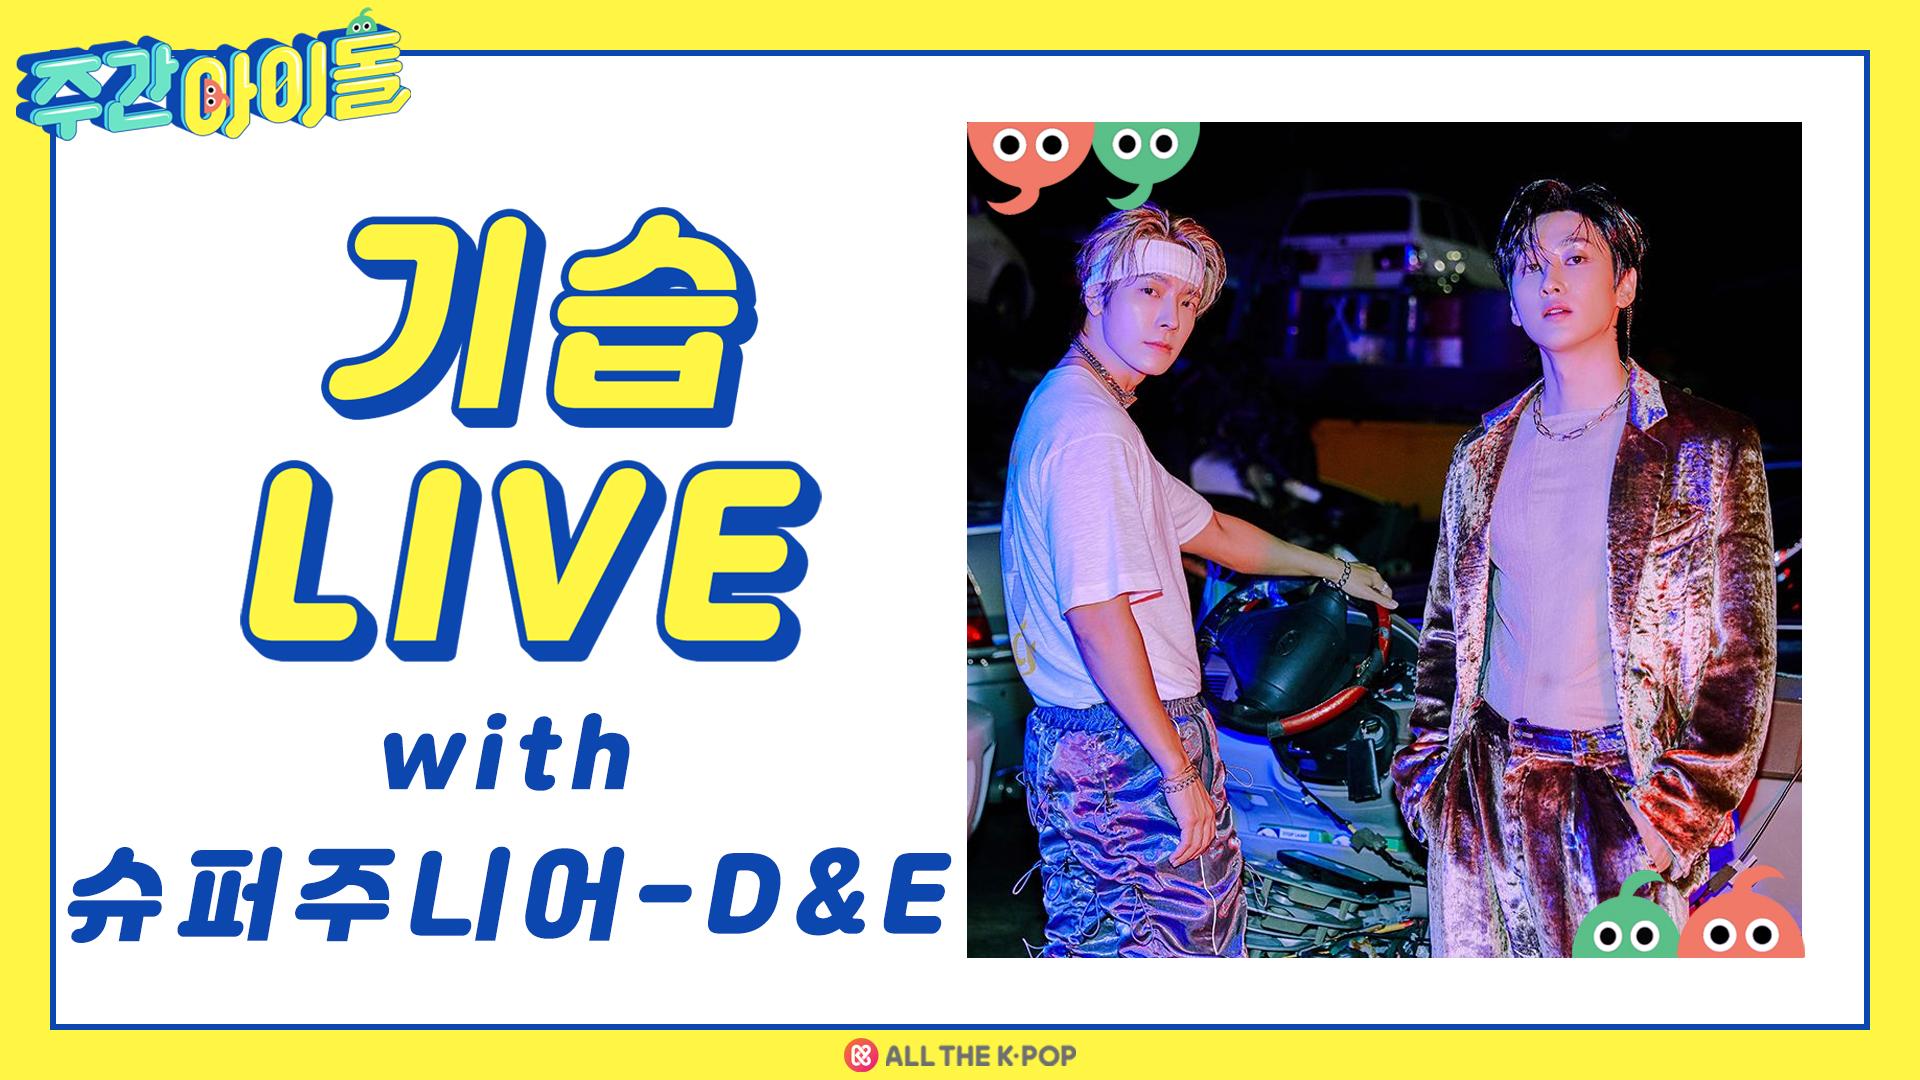 [주간아이돌] 기습 라이브 with 슈퍼주니어-D&E